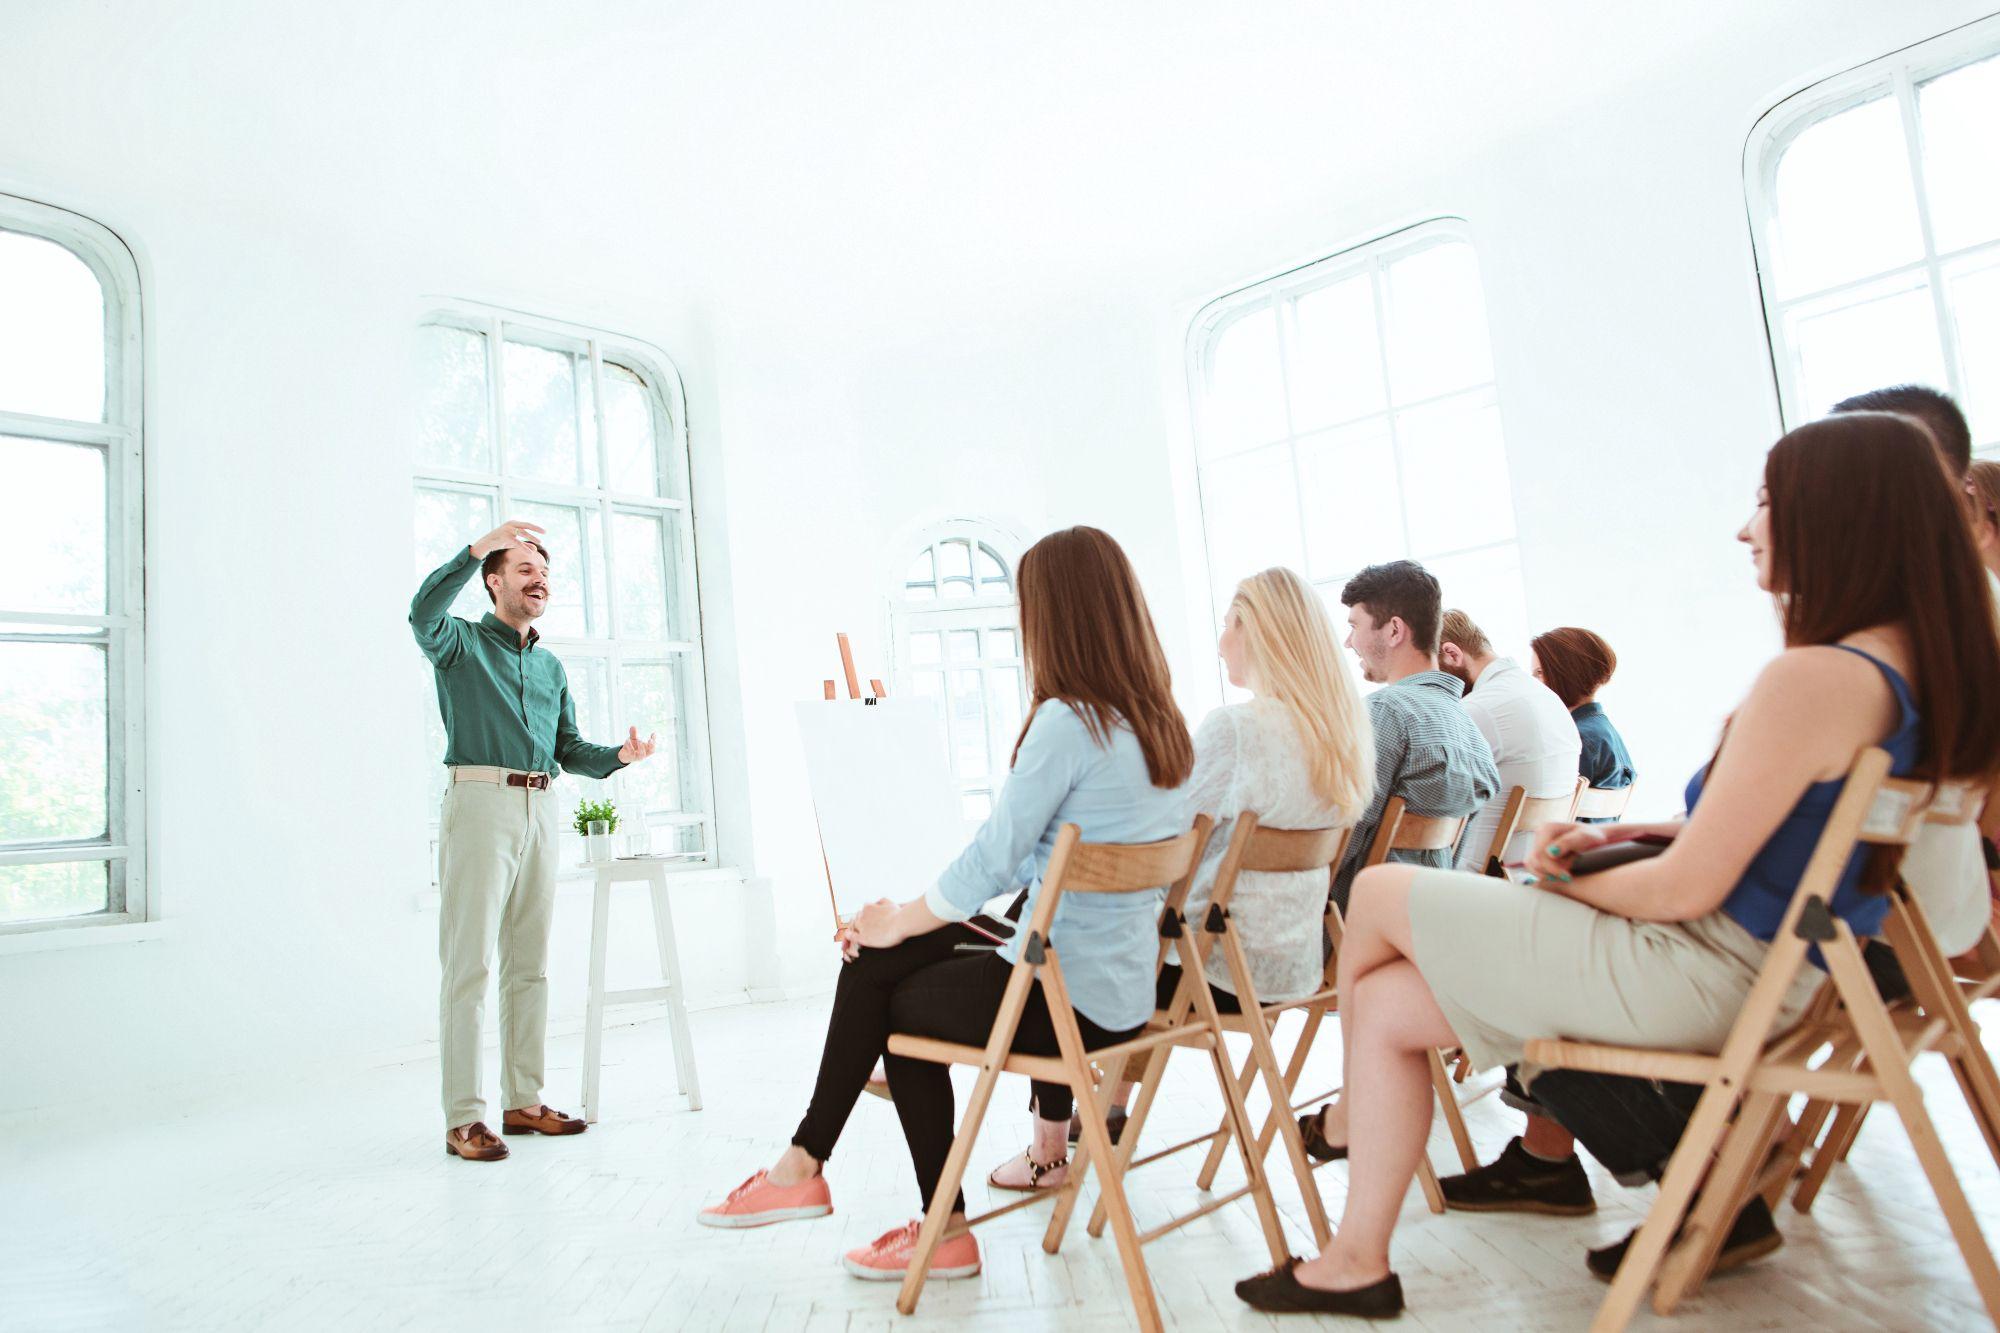 Mies puhuu yleisölle eikä hengästy puhuessaan